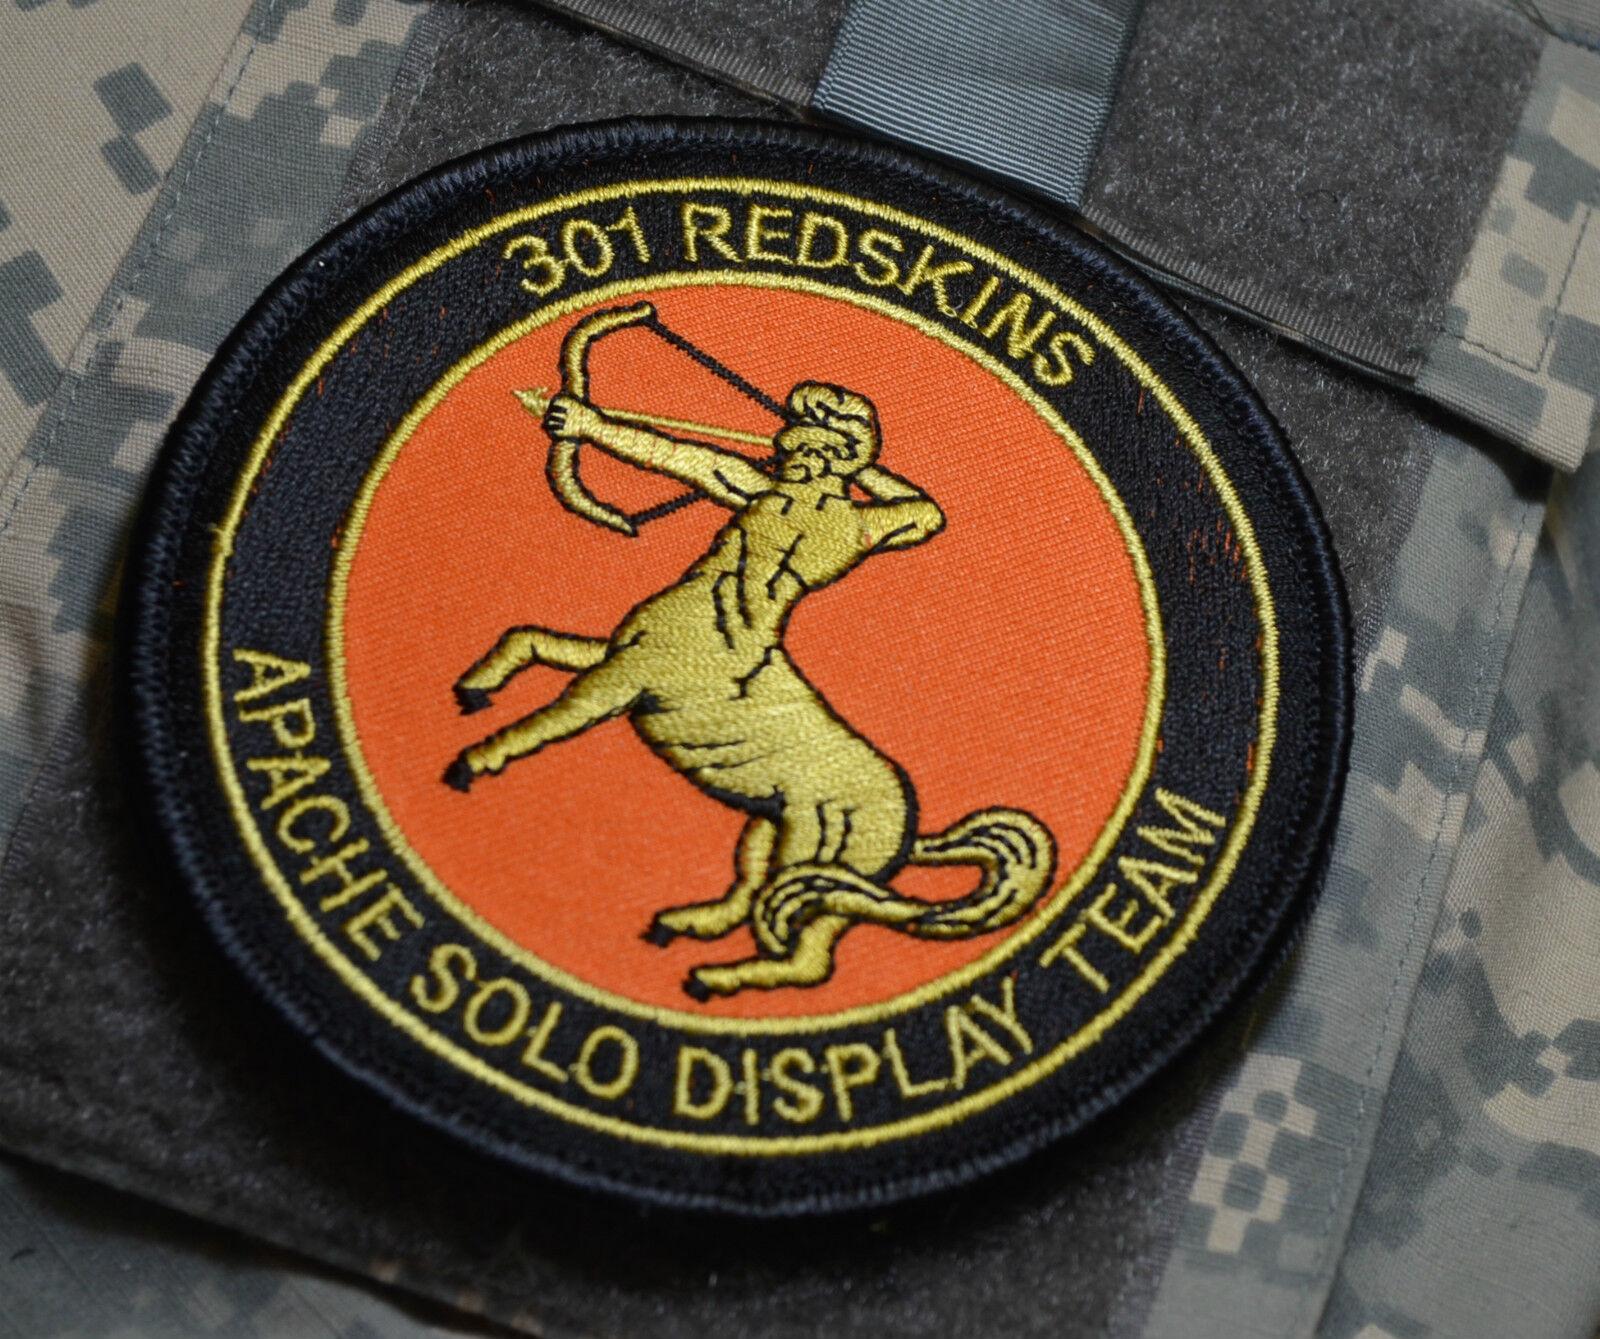 Ronlaf Niederlande Air Force 301 Redskins AH-64D Apache Solo Display Demo Team